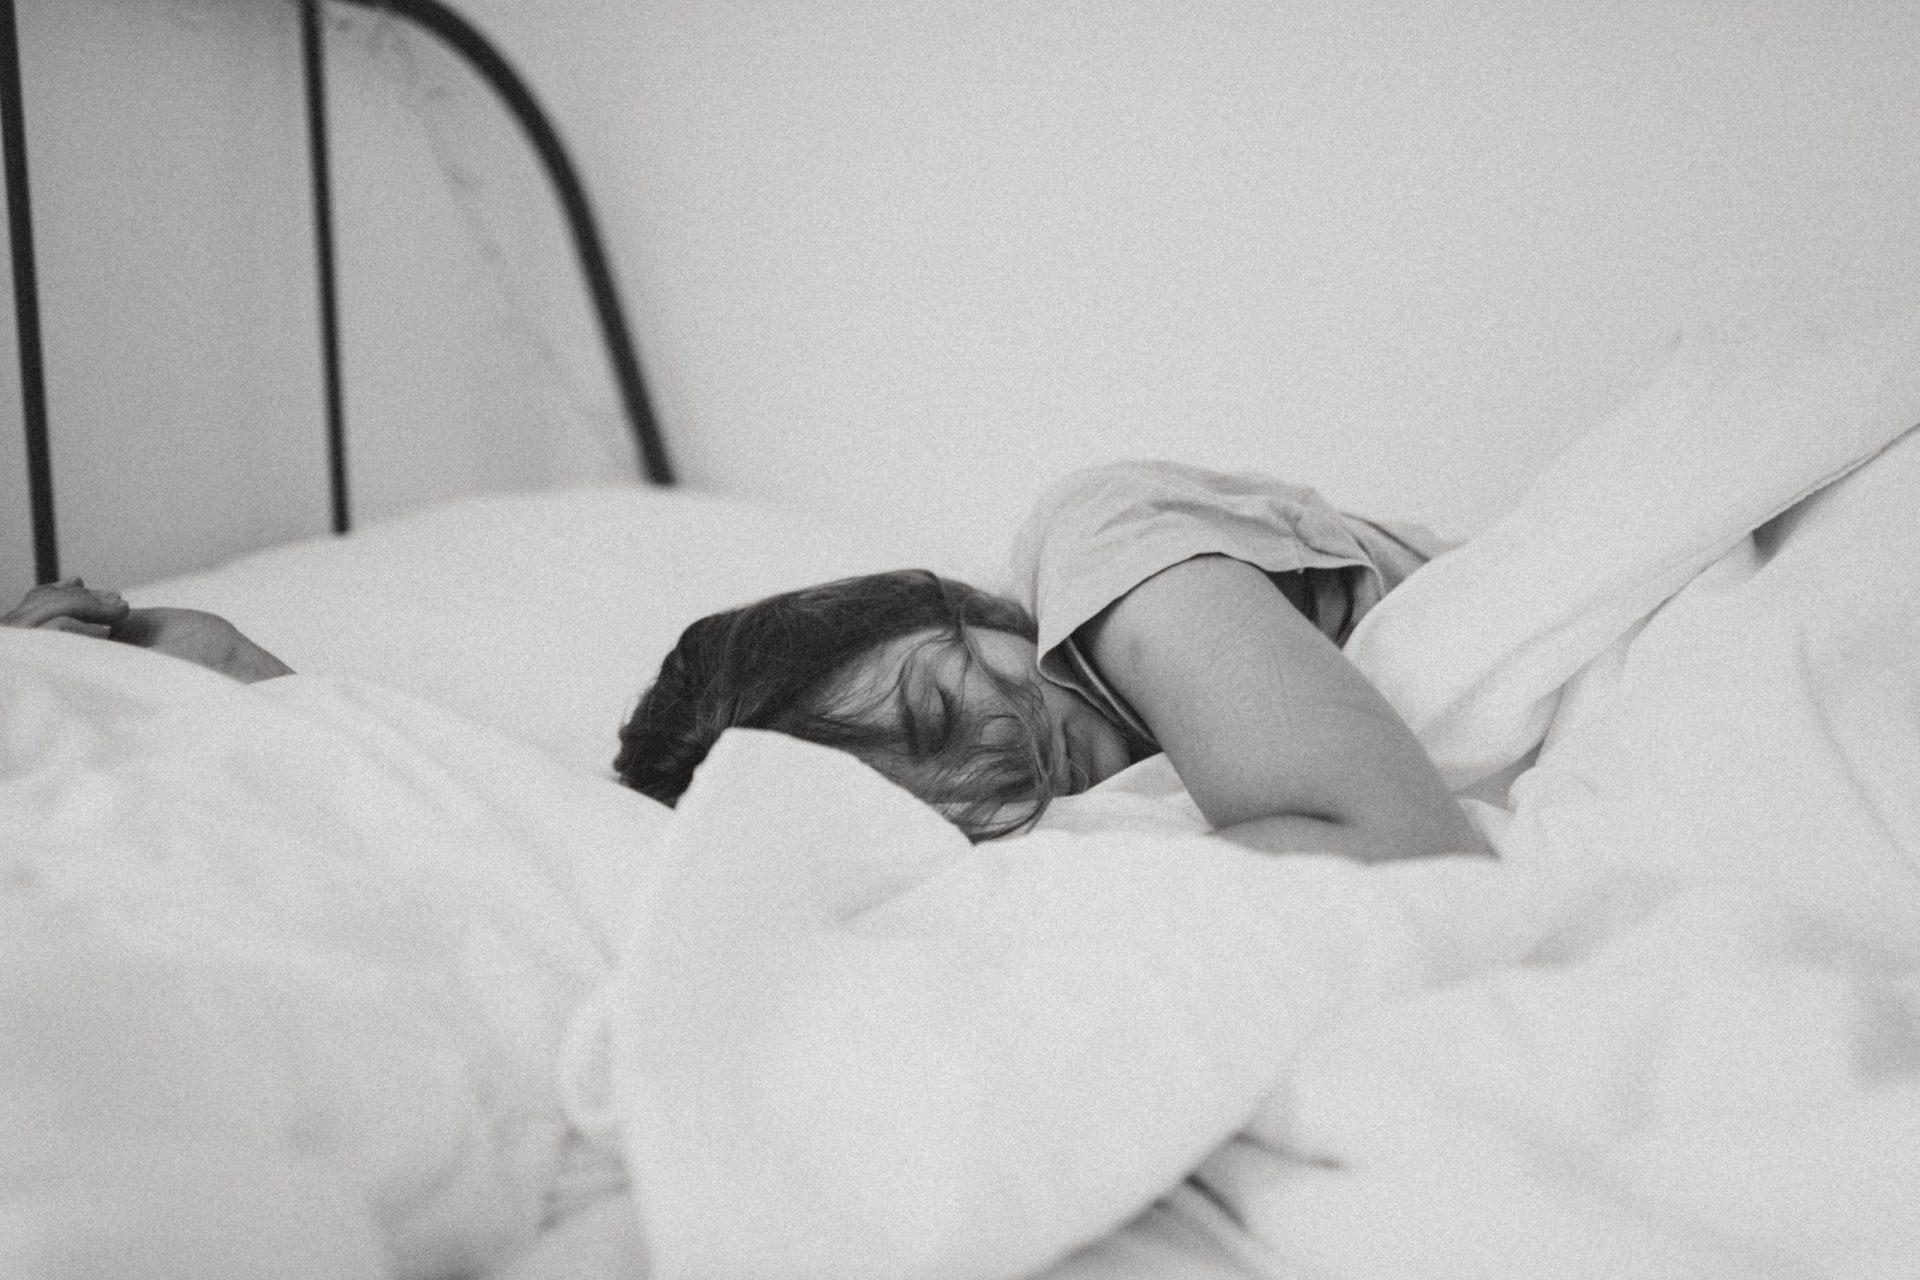 De meeste dromen zijn… bedrog? Alles over dromen en nachtmerries tijdens de zwangerschap.